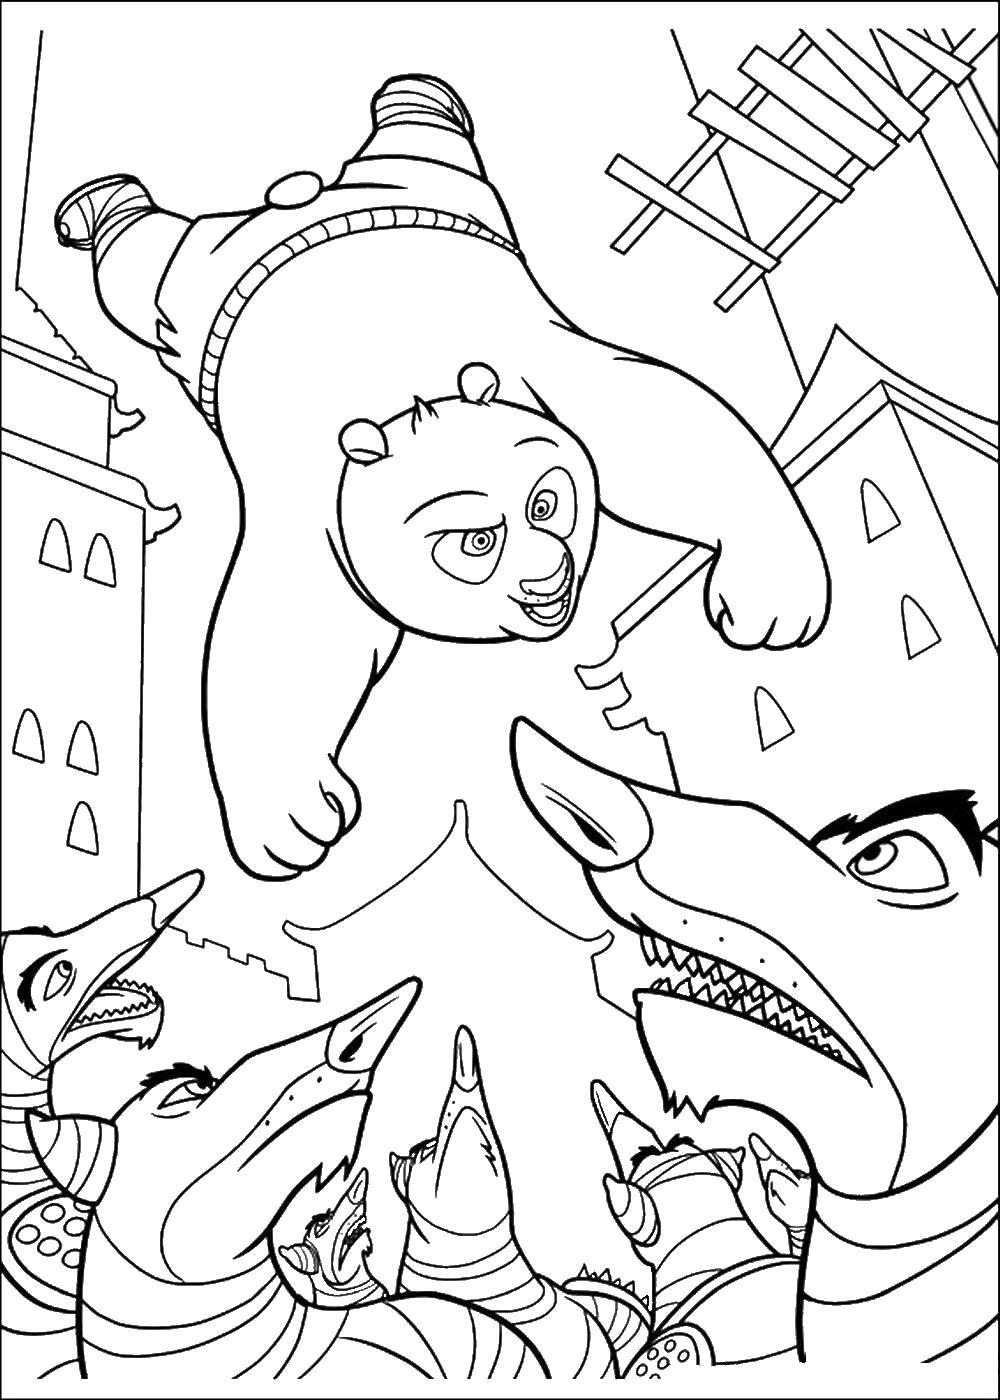 Раскраска В атаку. Кунг-фу панда. Скачать Панда.  Распечатать Панда